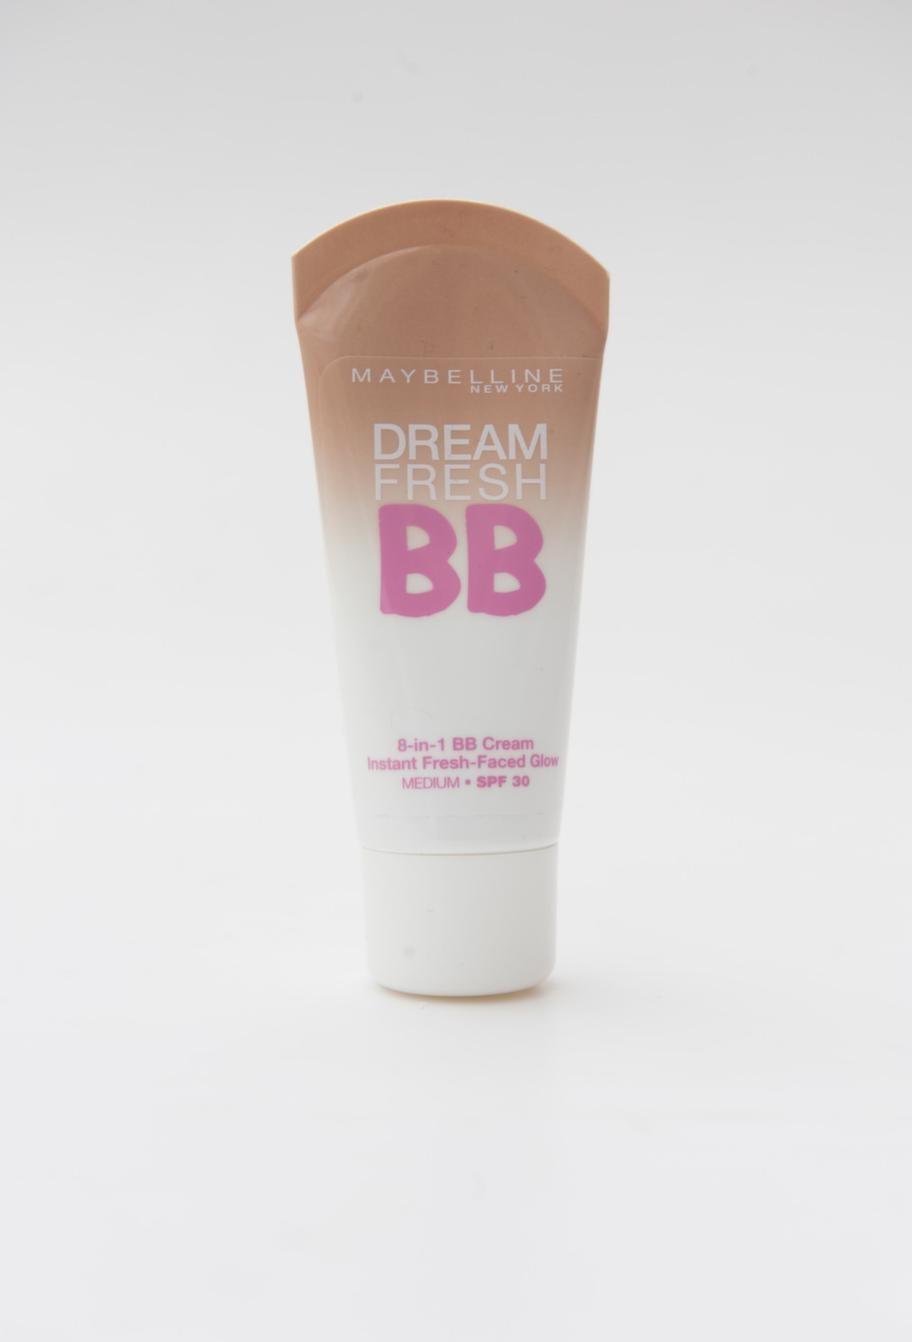 Produkt: Dream Fresh BB-cream - BETYG: 4<br>Pris: 109 kr för 30 ml.<br>Om produkten Lovar mycket! Som att sudda ut ojämnheter, vårda, ljusa upp, lugna, återfukta, diskret täckning, och ge solskydd, SPF 30.<br>Kommentar: Fin färg, lagom täckning, ger bra med fukt. Inget för den med riktigt fet hy. Hög solskyddsfaktor. En mycket prisvärd kräm!<br>